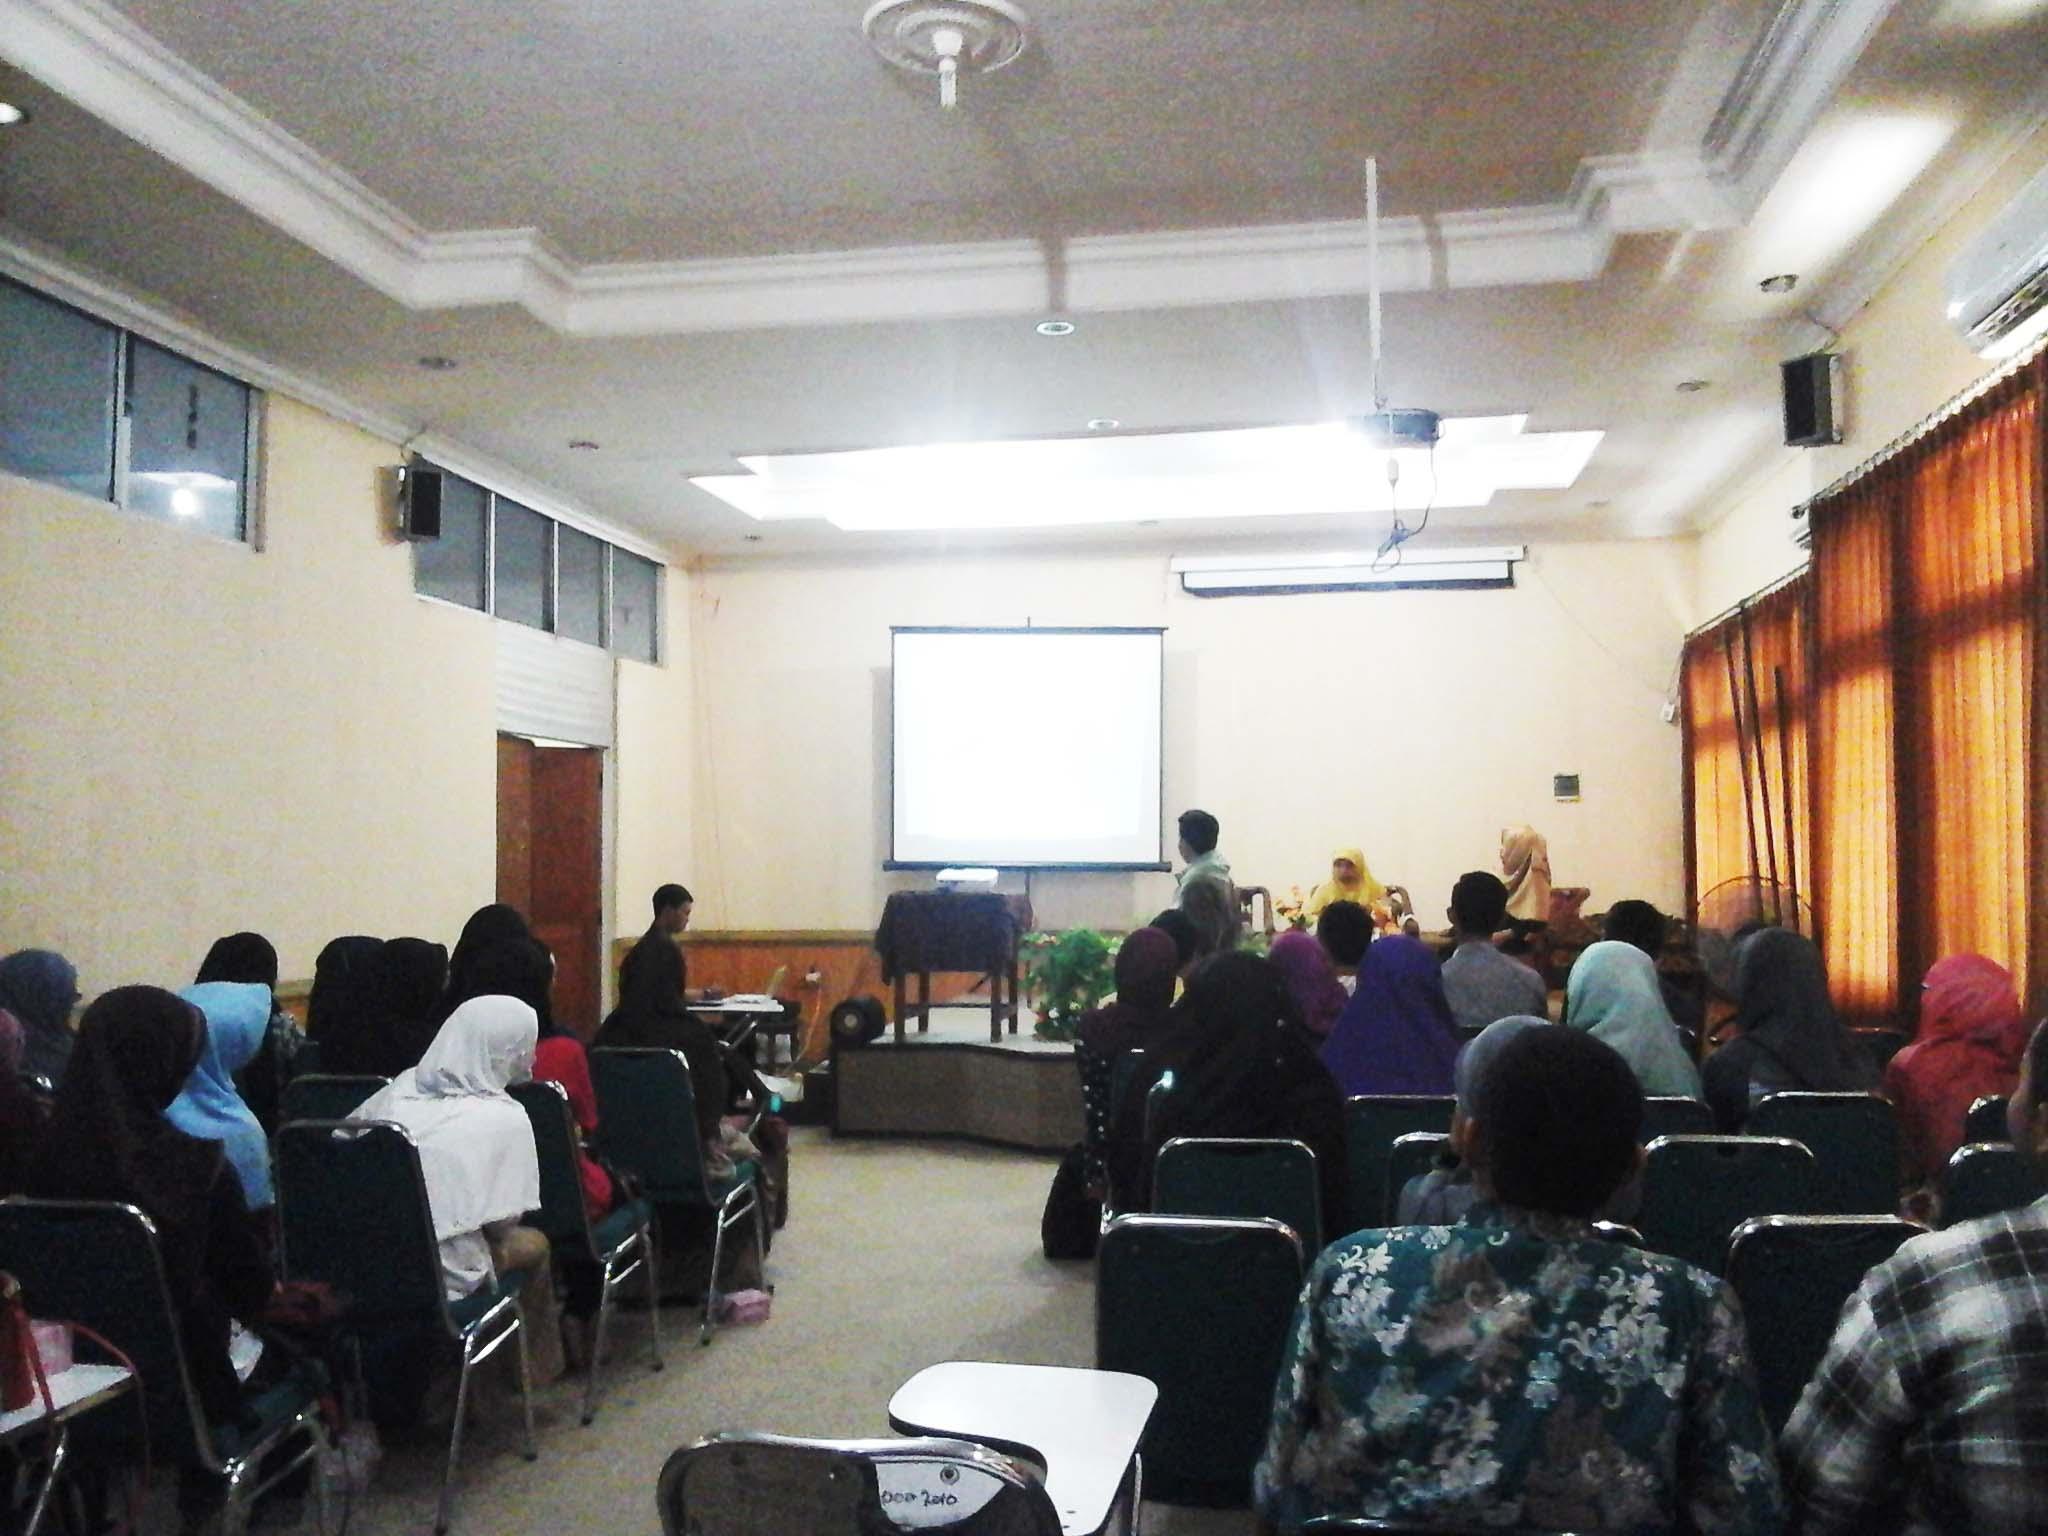 SEMINAR - Suasana seminar Satu Menit Menjadi Penulis dan BEdah Buku TIMJC di Aula Fakultas Syariah dan Hukum, Minggu (28/2/2016).